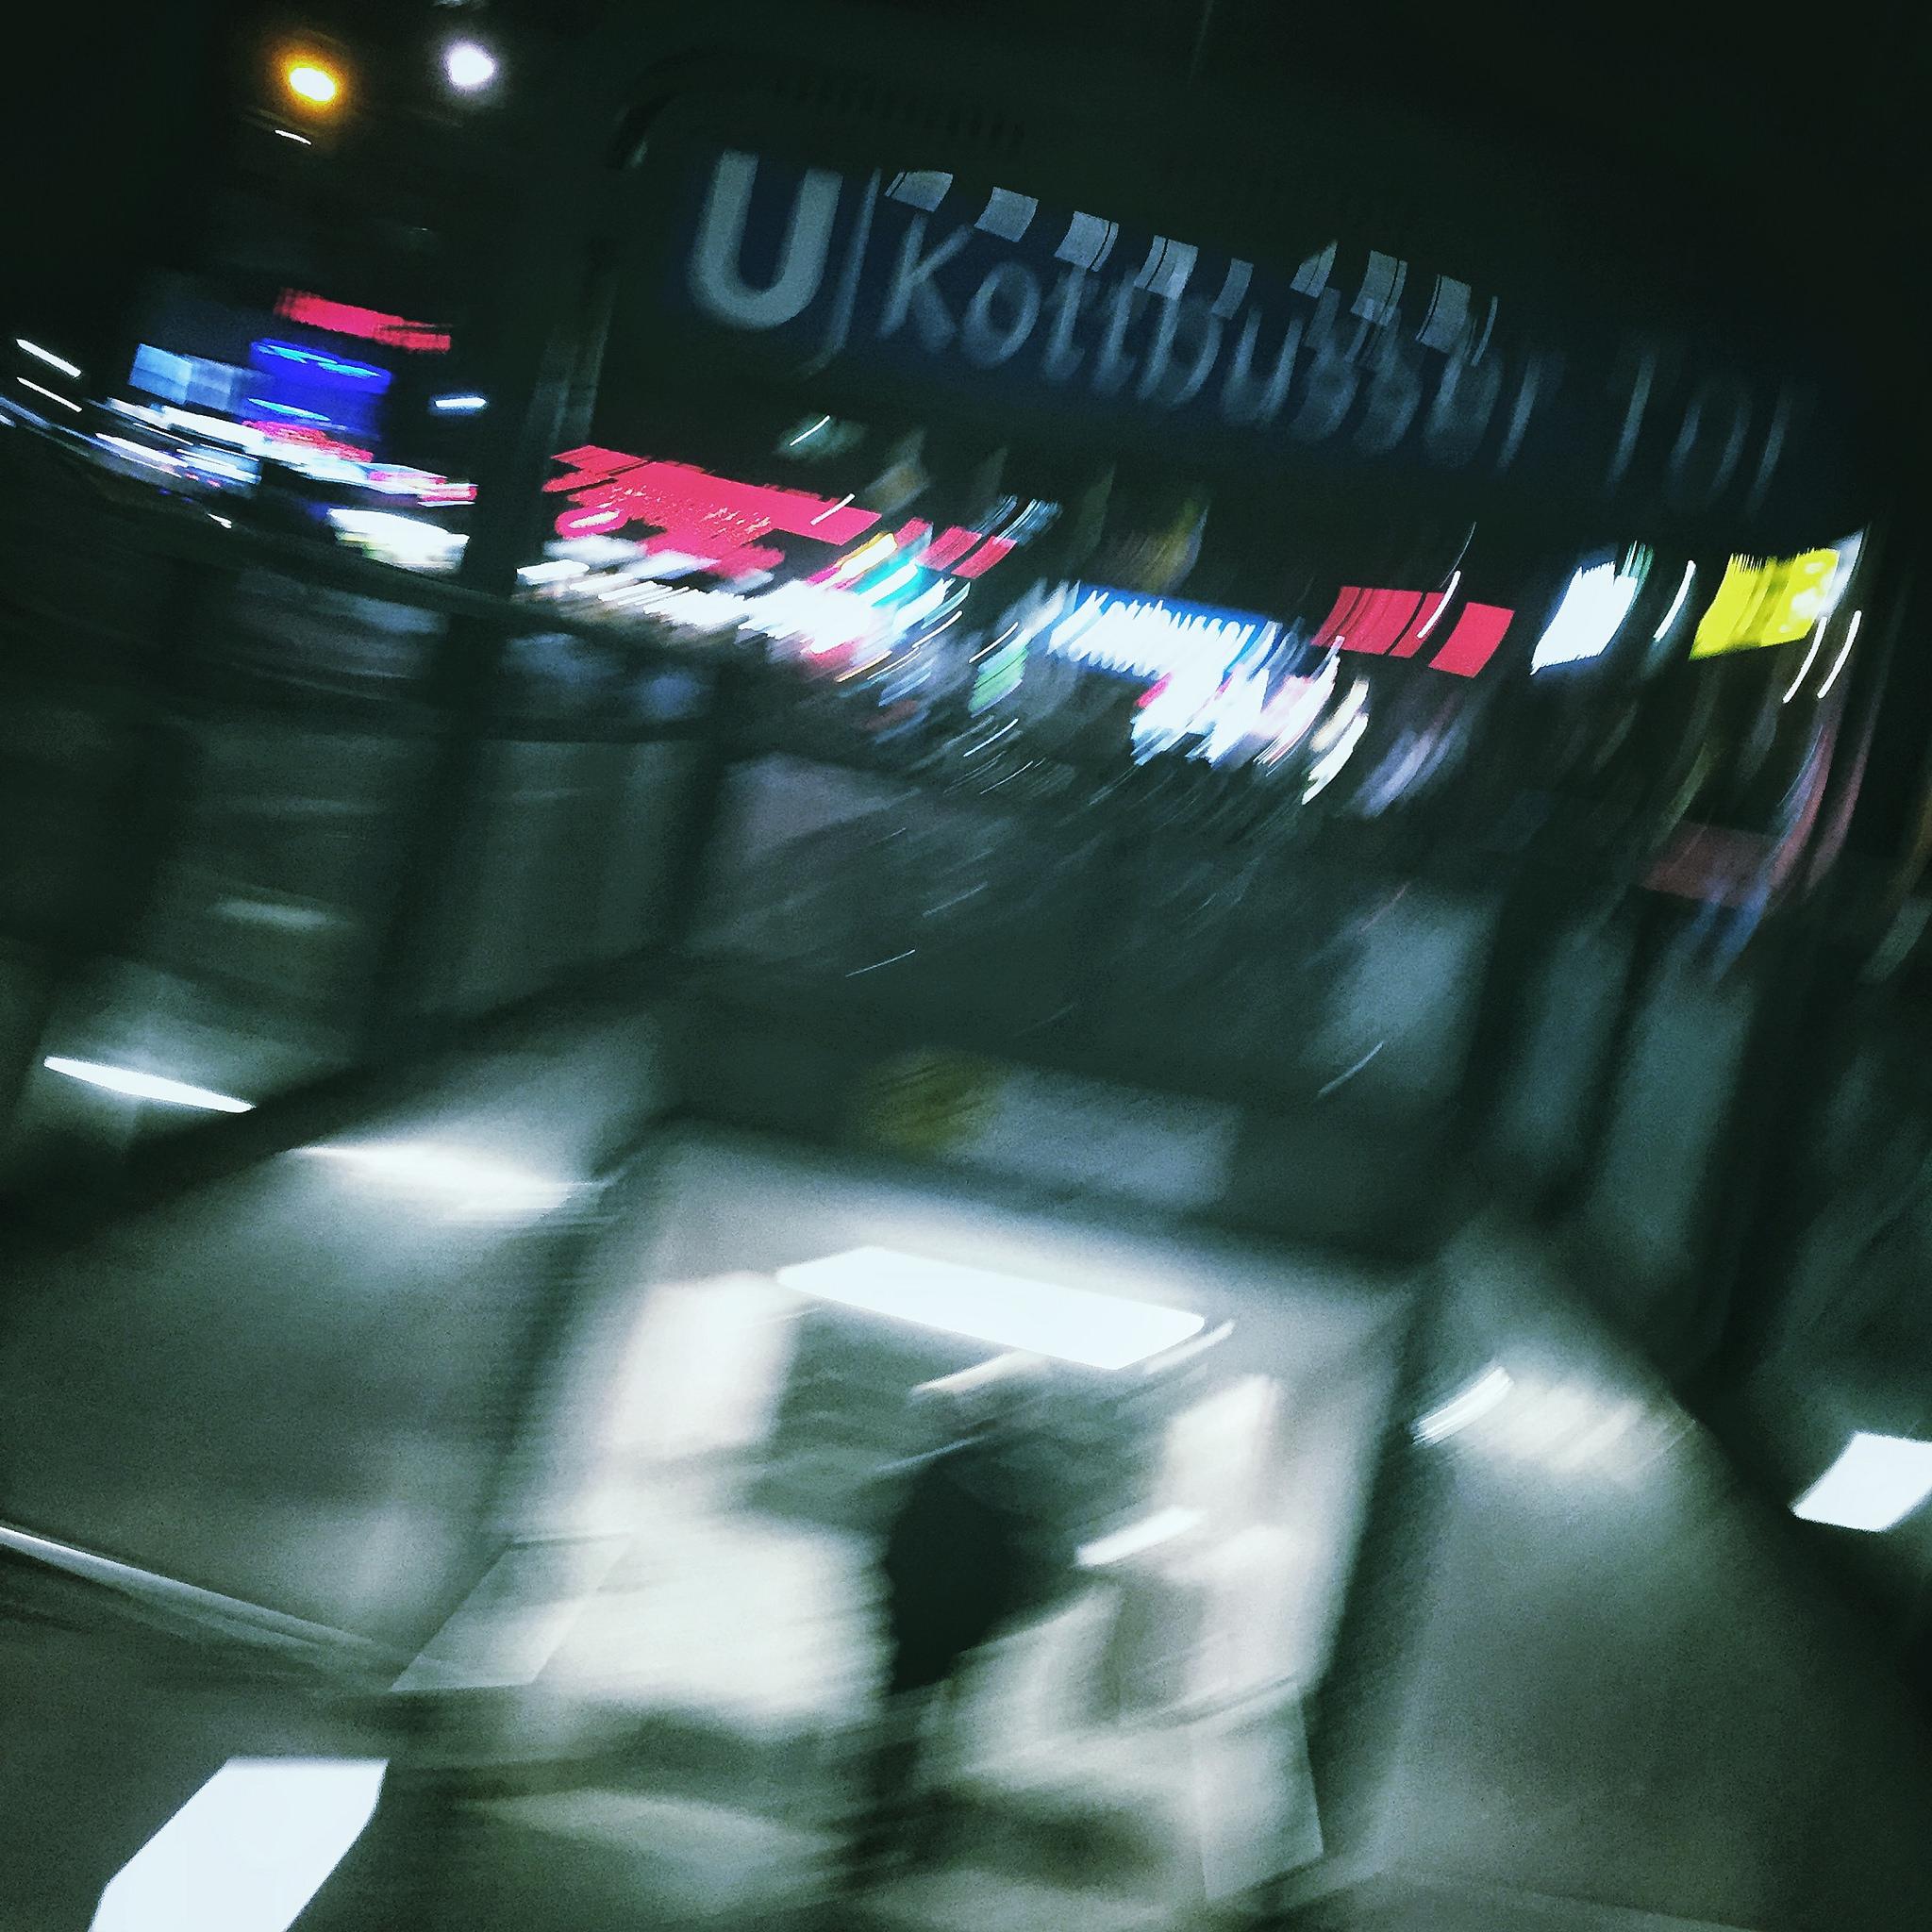 Berlin a blur